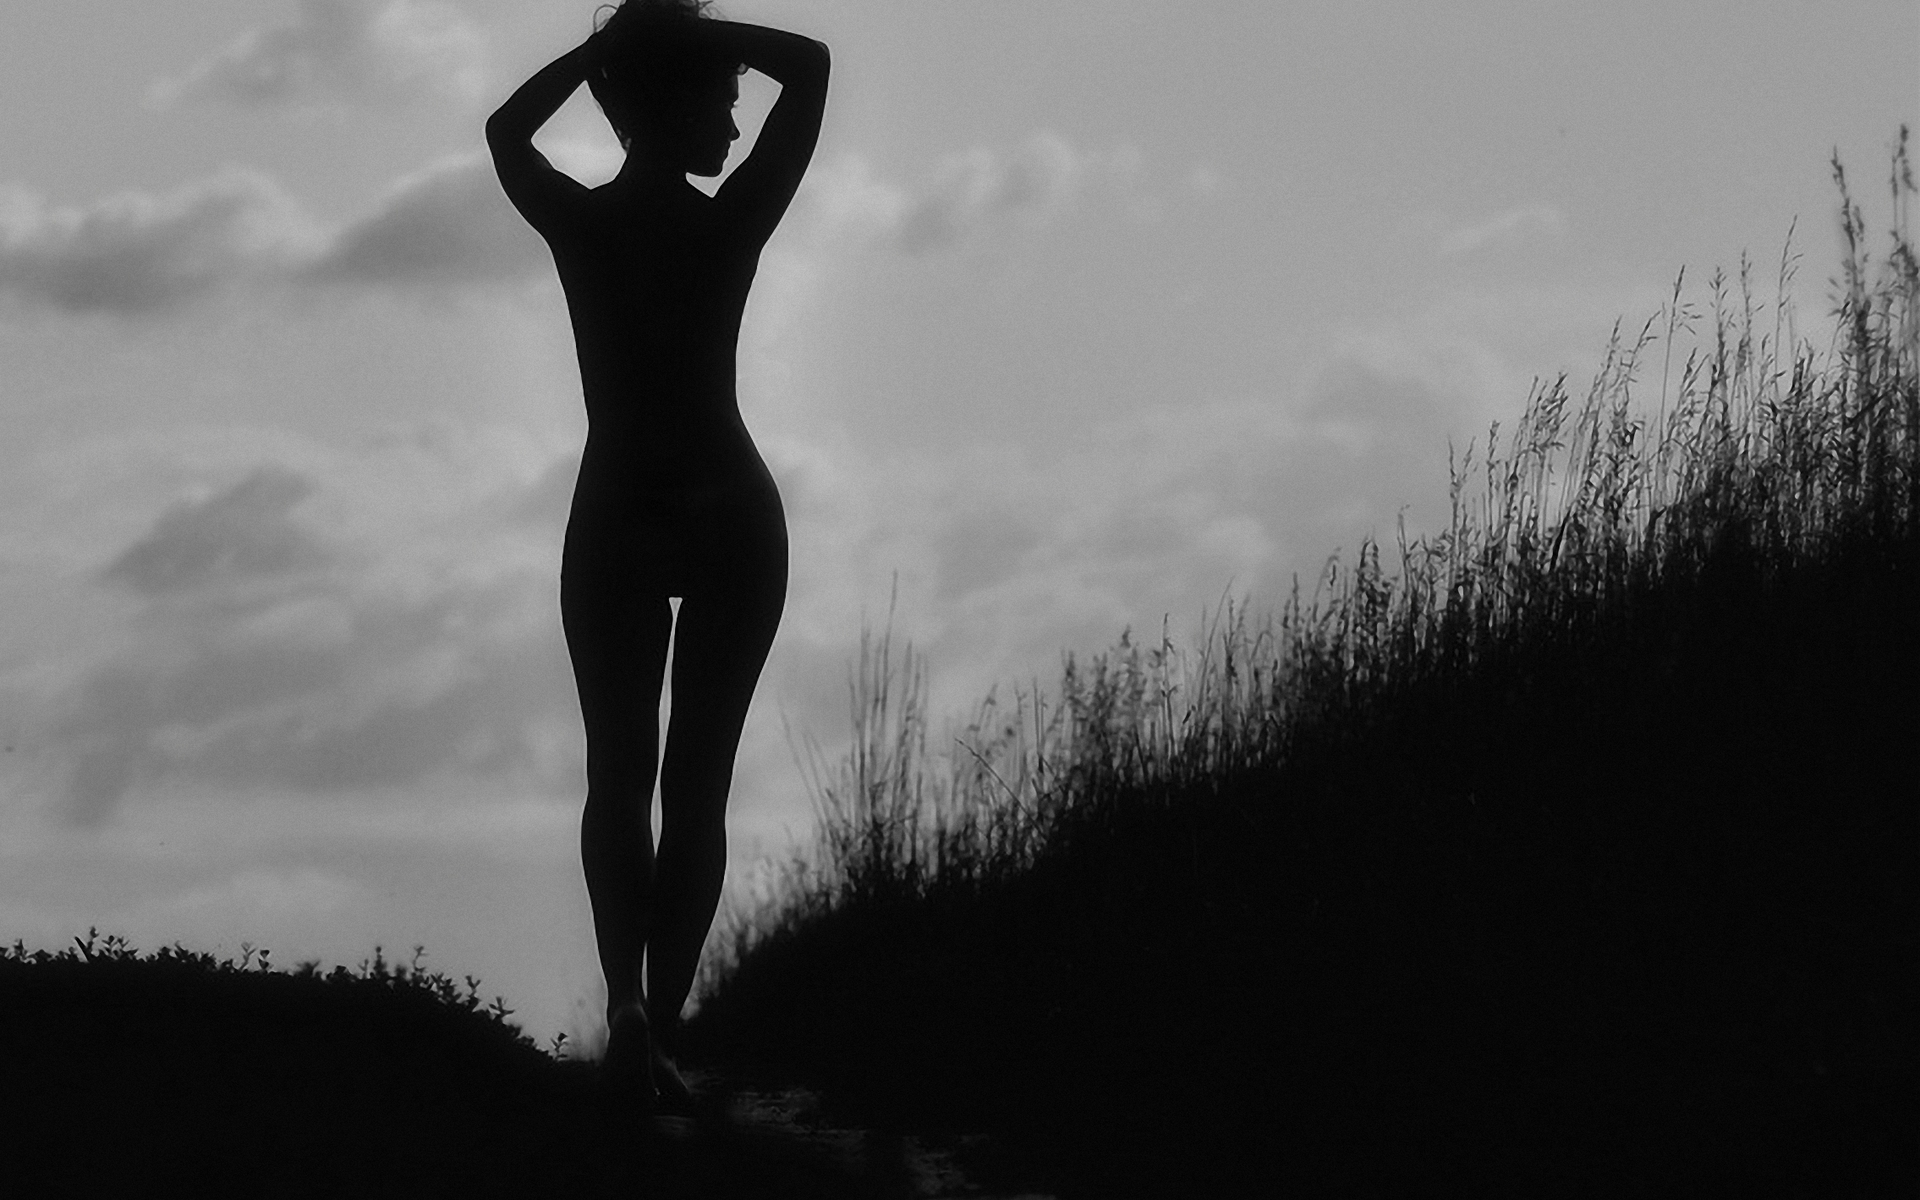 черно-белая фотография женского тела карьеру дженна